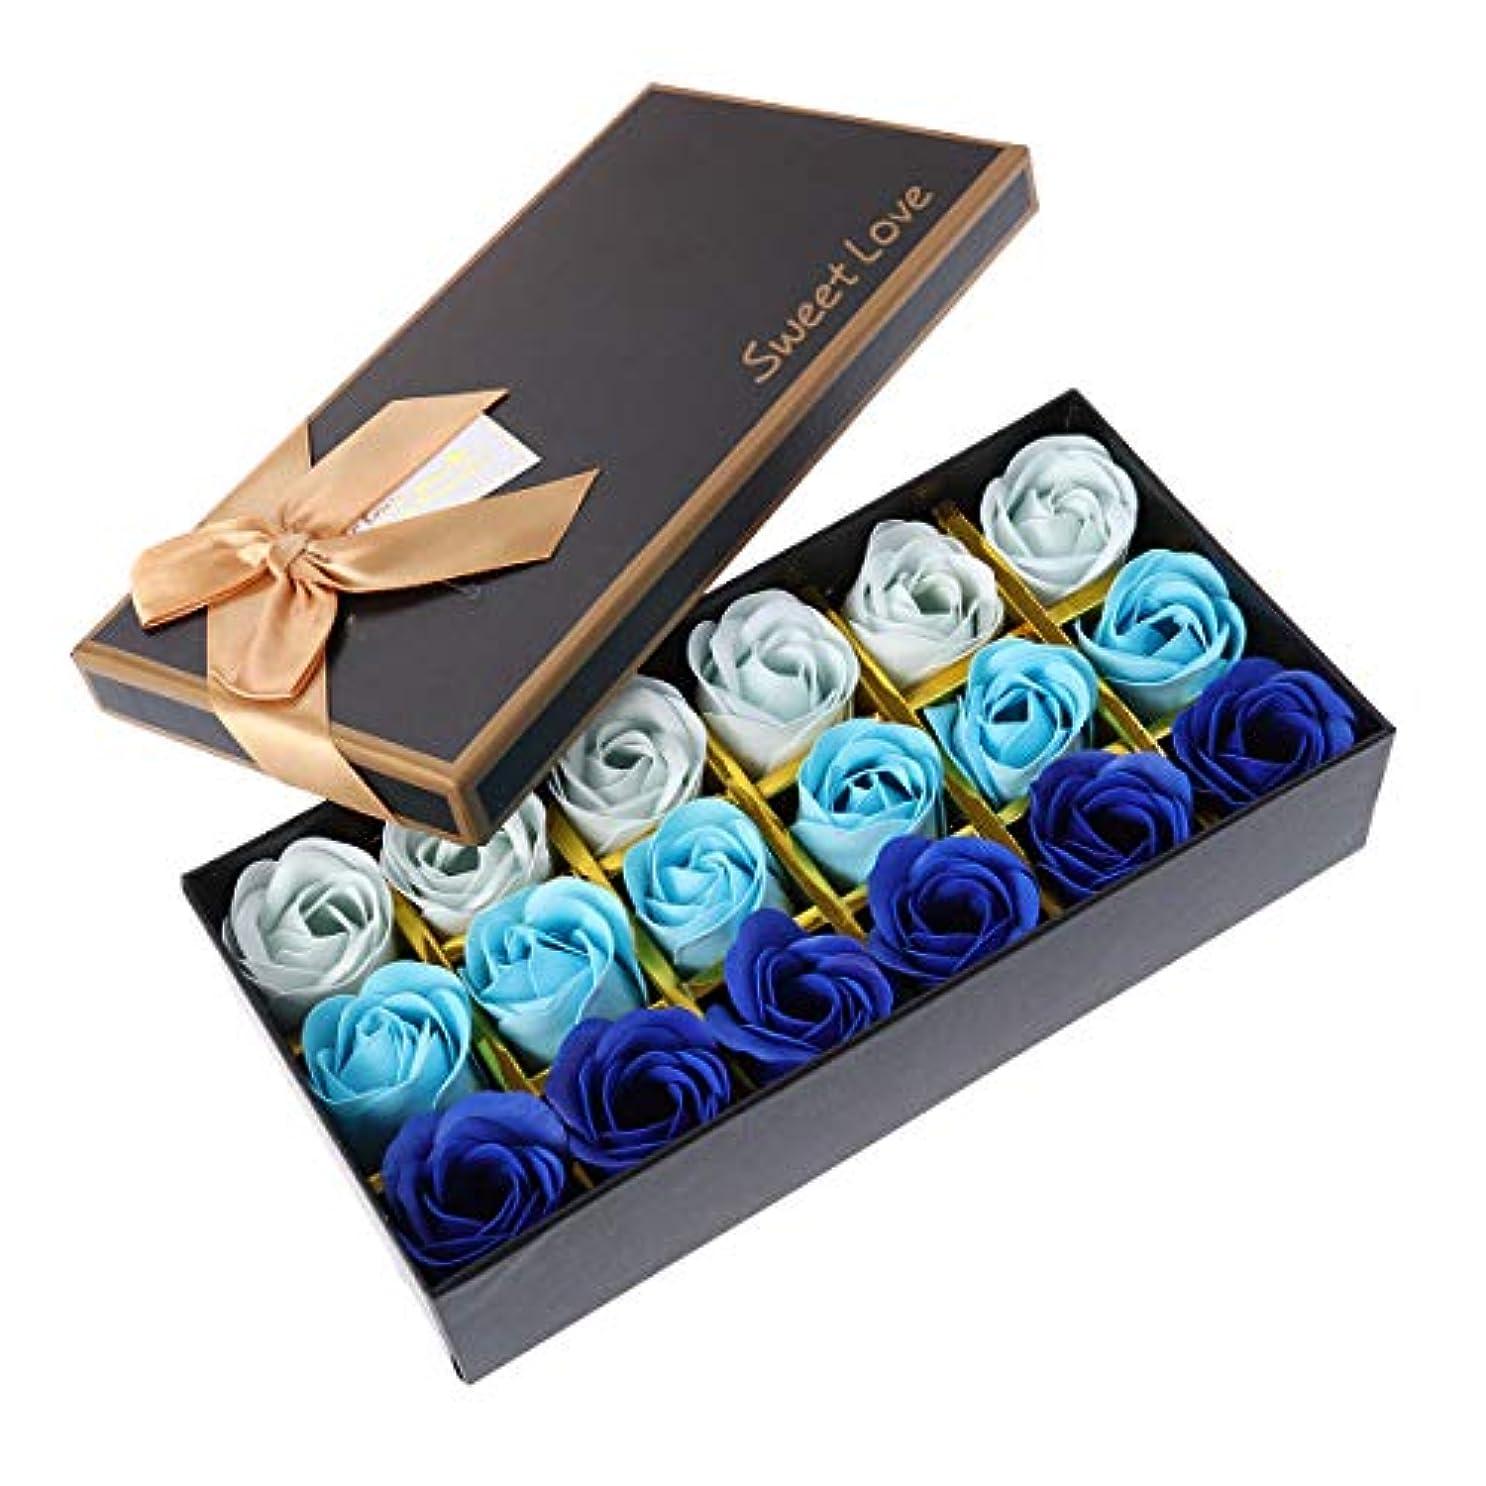 四加害者方法Beaupretty バレンタインデーの結婚式の誕生日プレゼントのための小さなクマとバラの石鹸の花